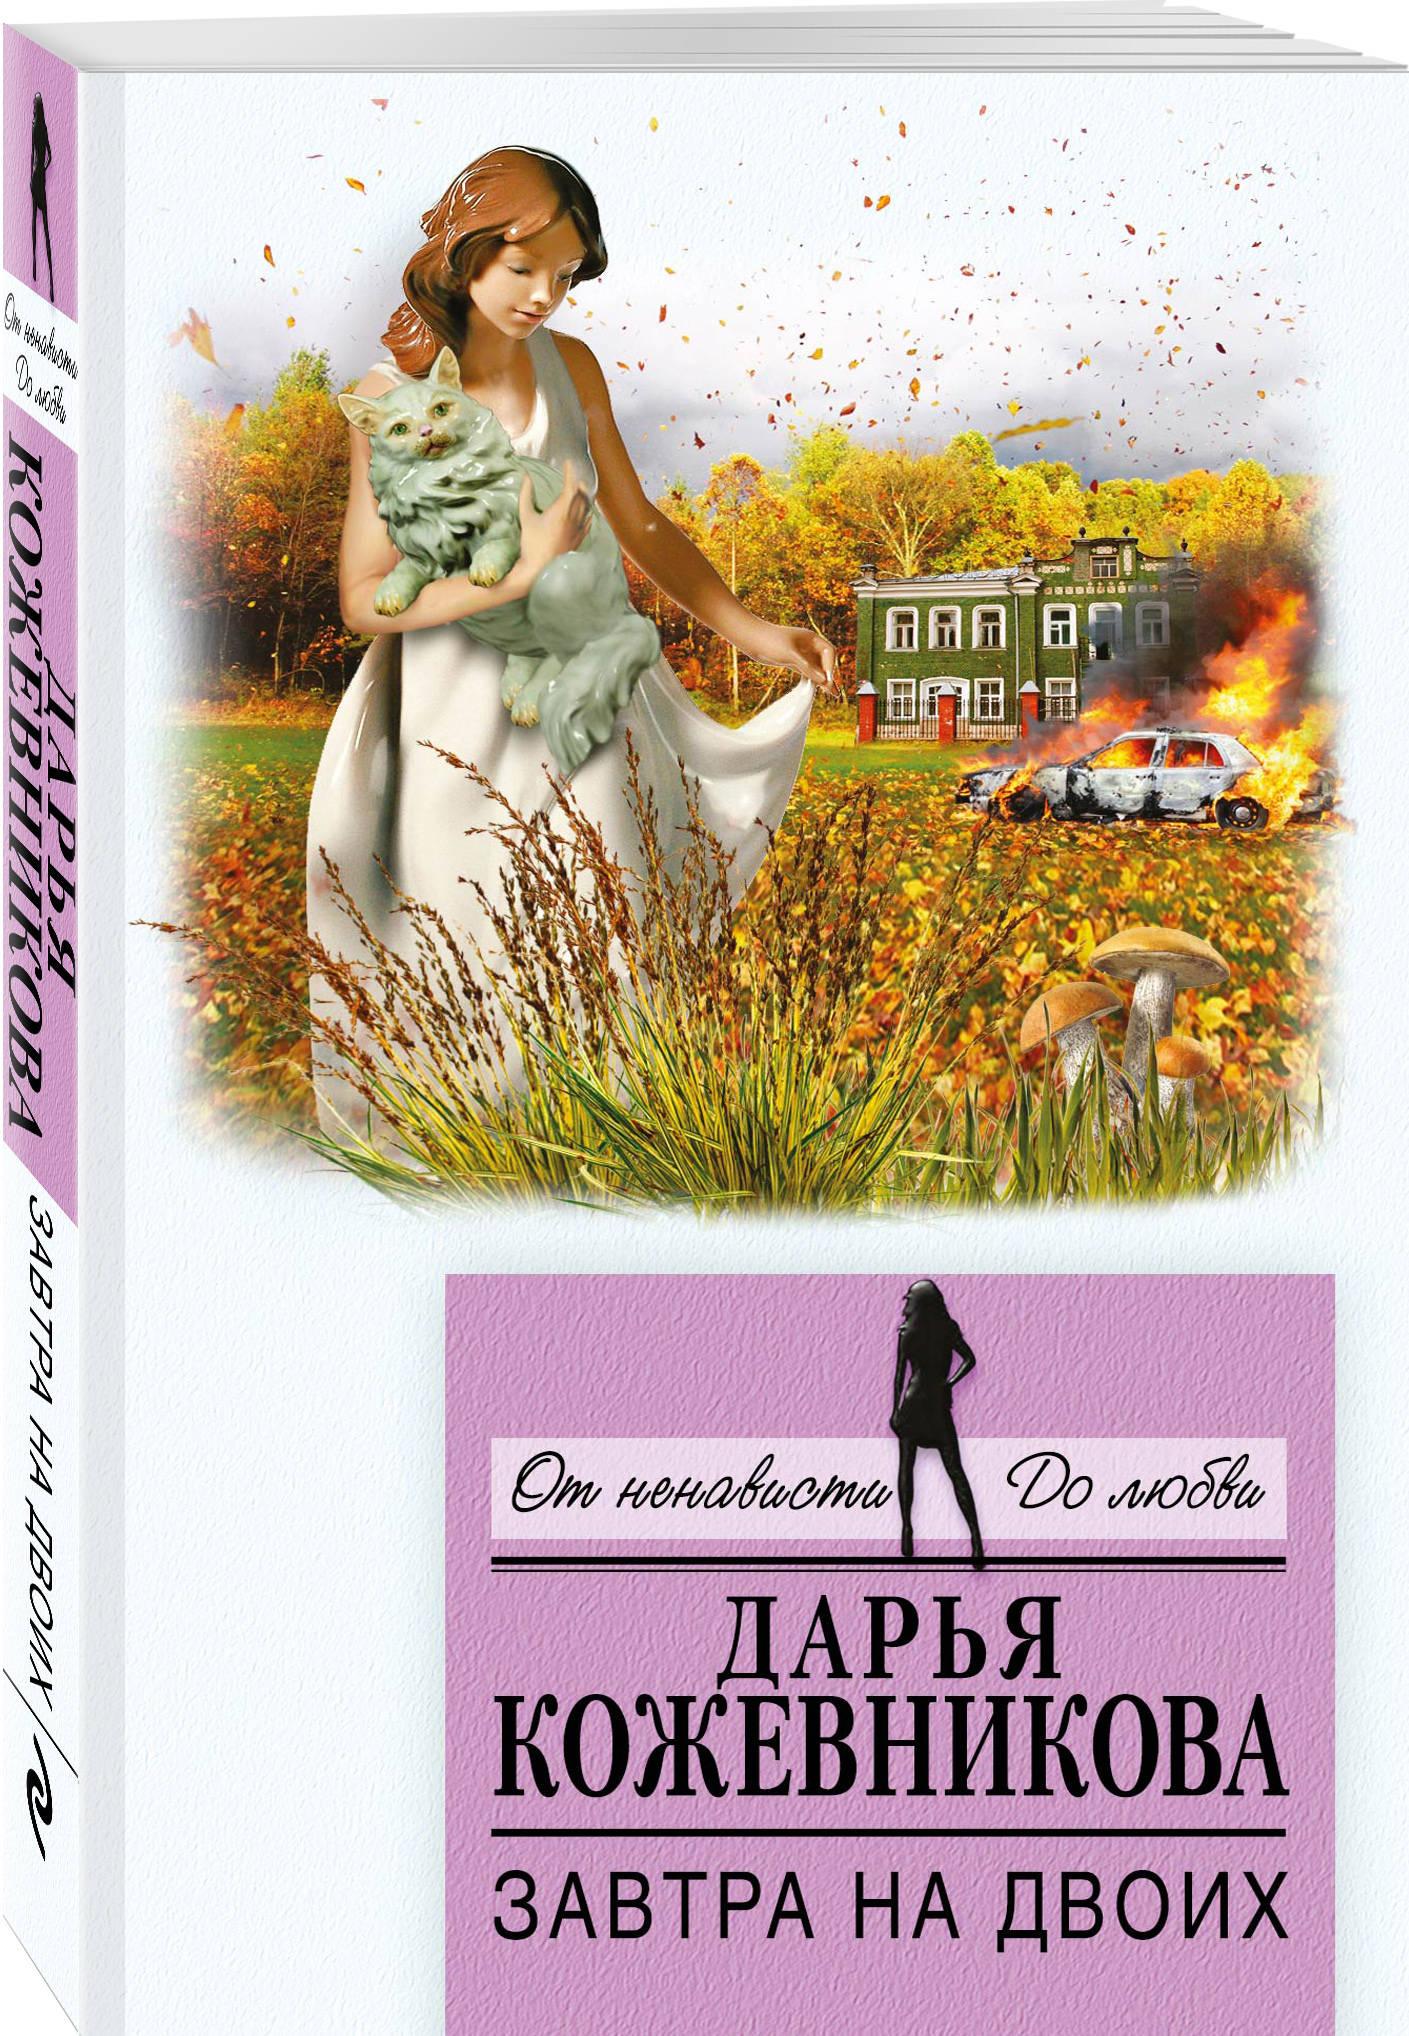 Кожевникова Д.С. Завтра на двоих атаманенко игорь григорьевич лицензия на вербовку